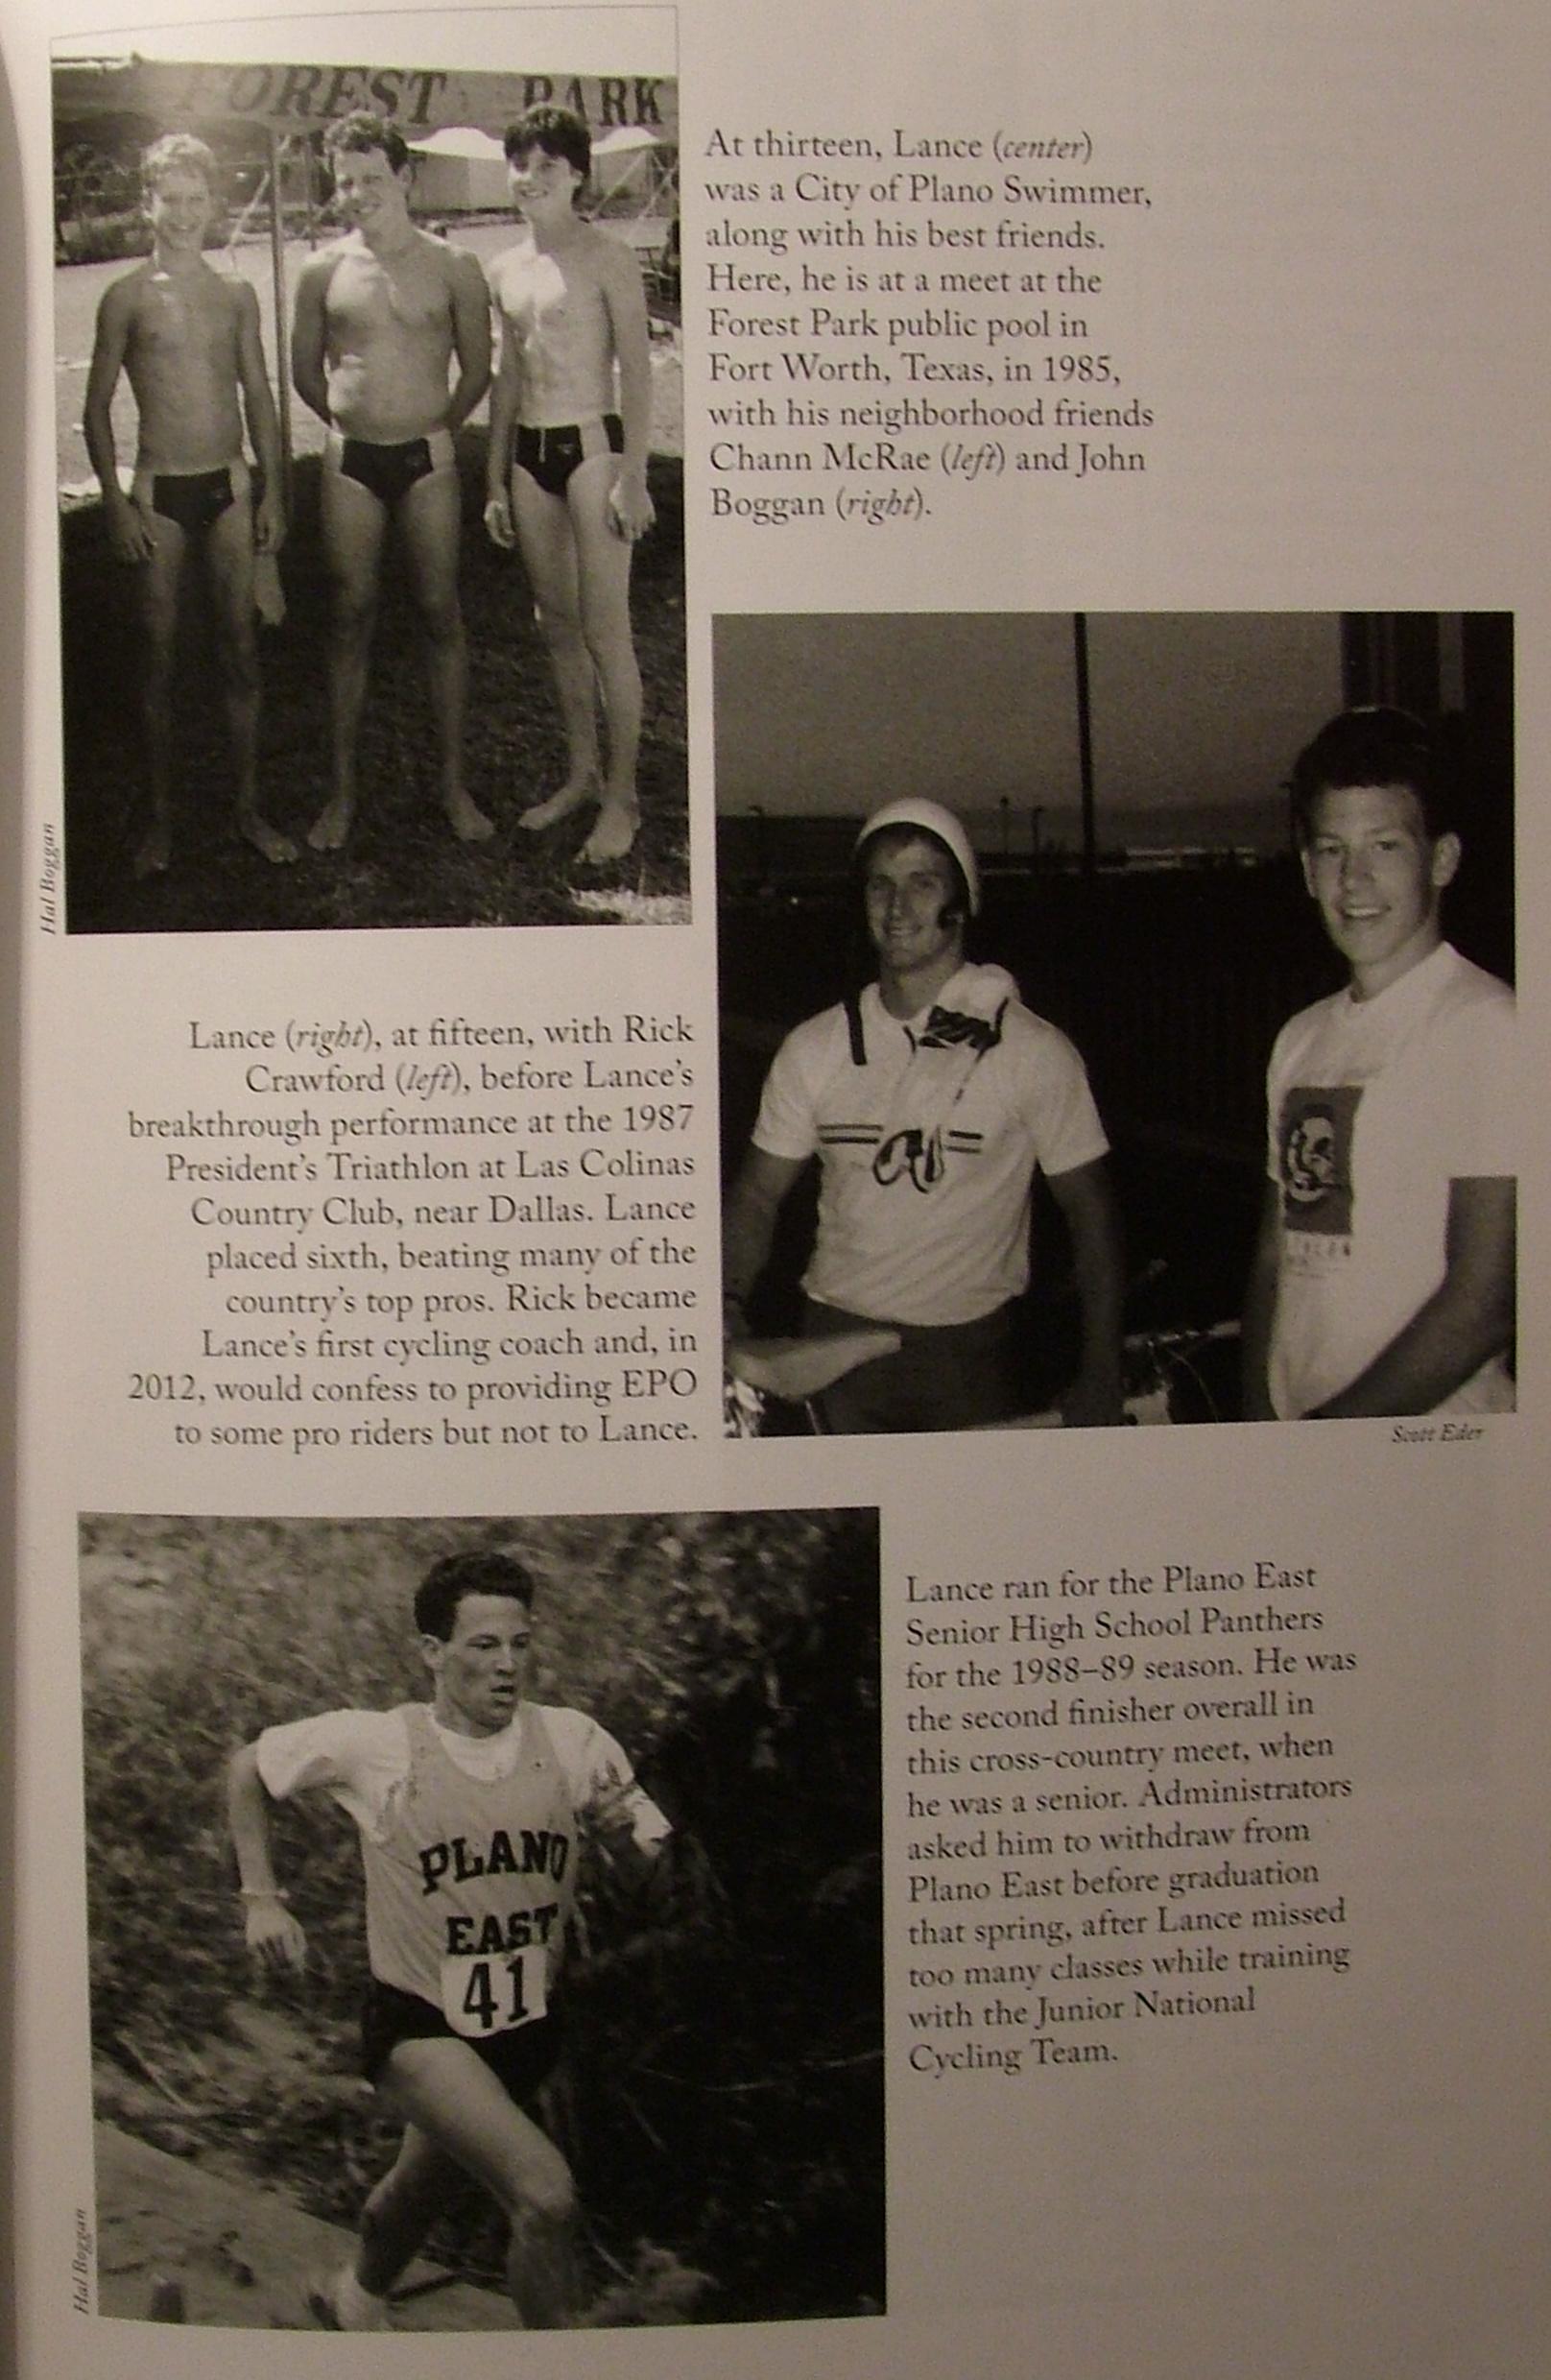 Začátky Lance Armstronga v triatlonu.